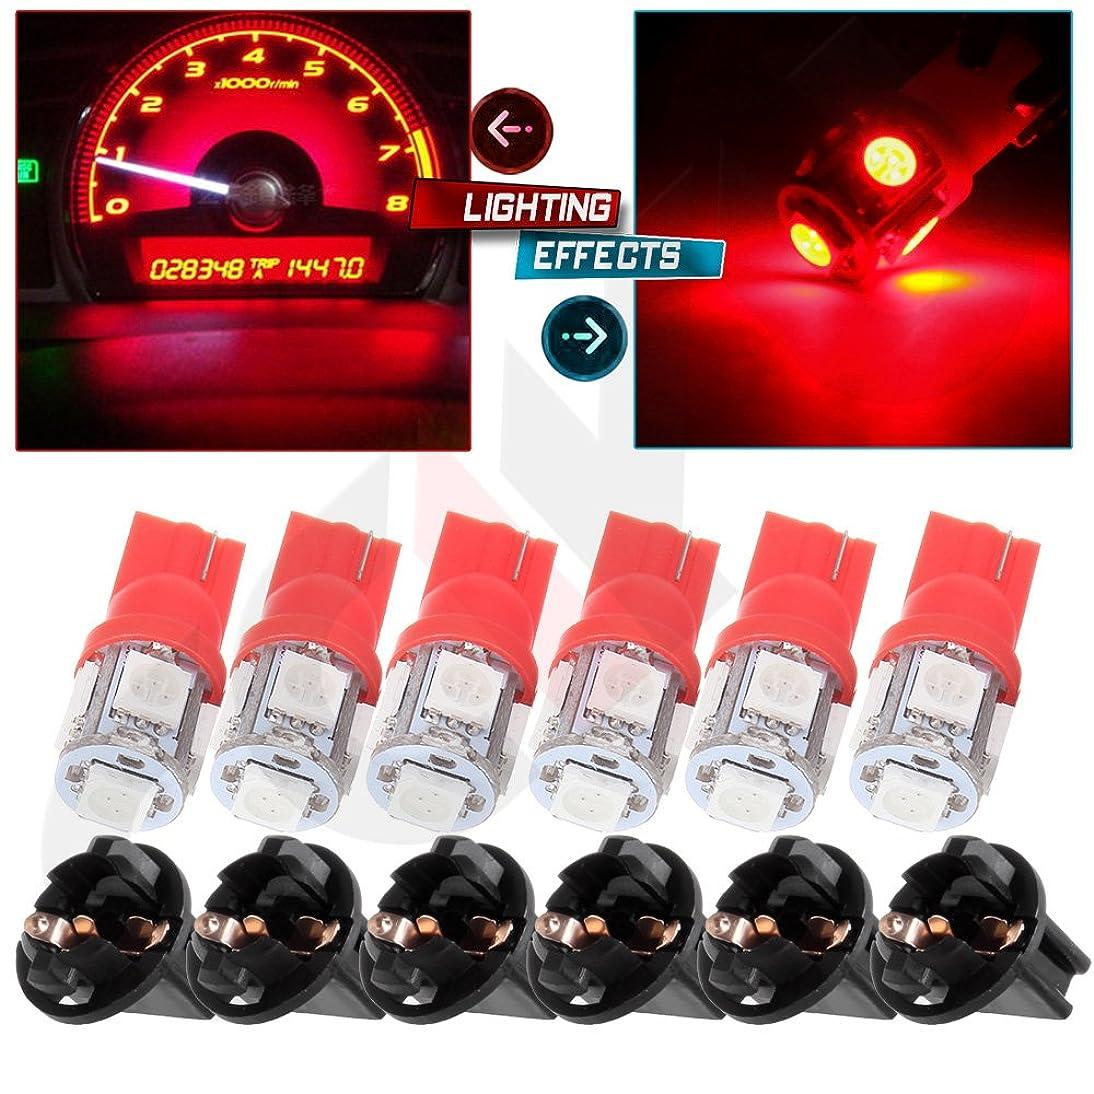 cciyu T10 194 168 Tri-Cell Red SMD LED Chips Instrument Panel Dashboard Gauge Cluster Light w/Socket,10Pack meak559358646086